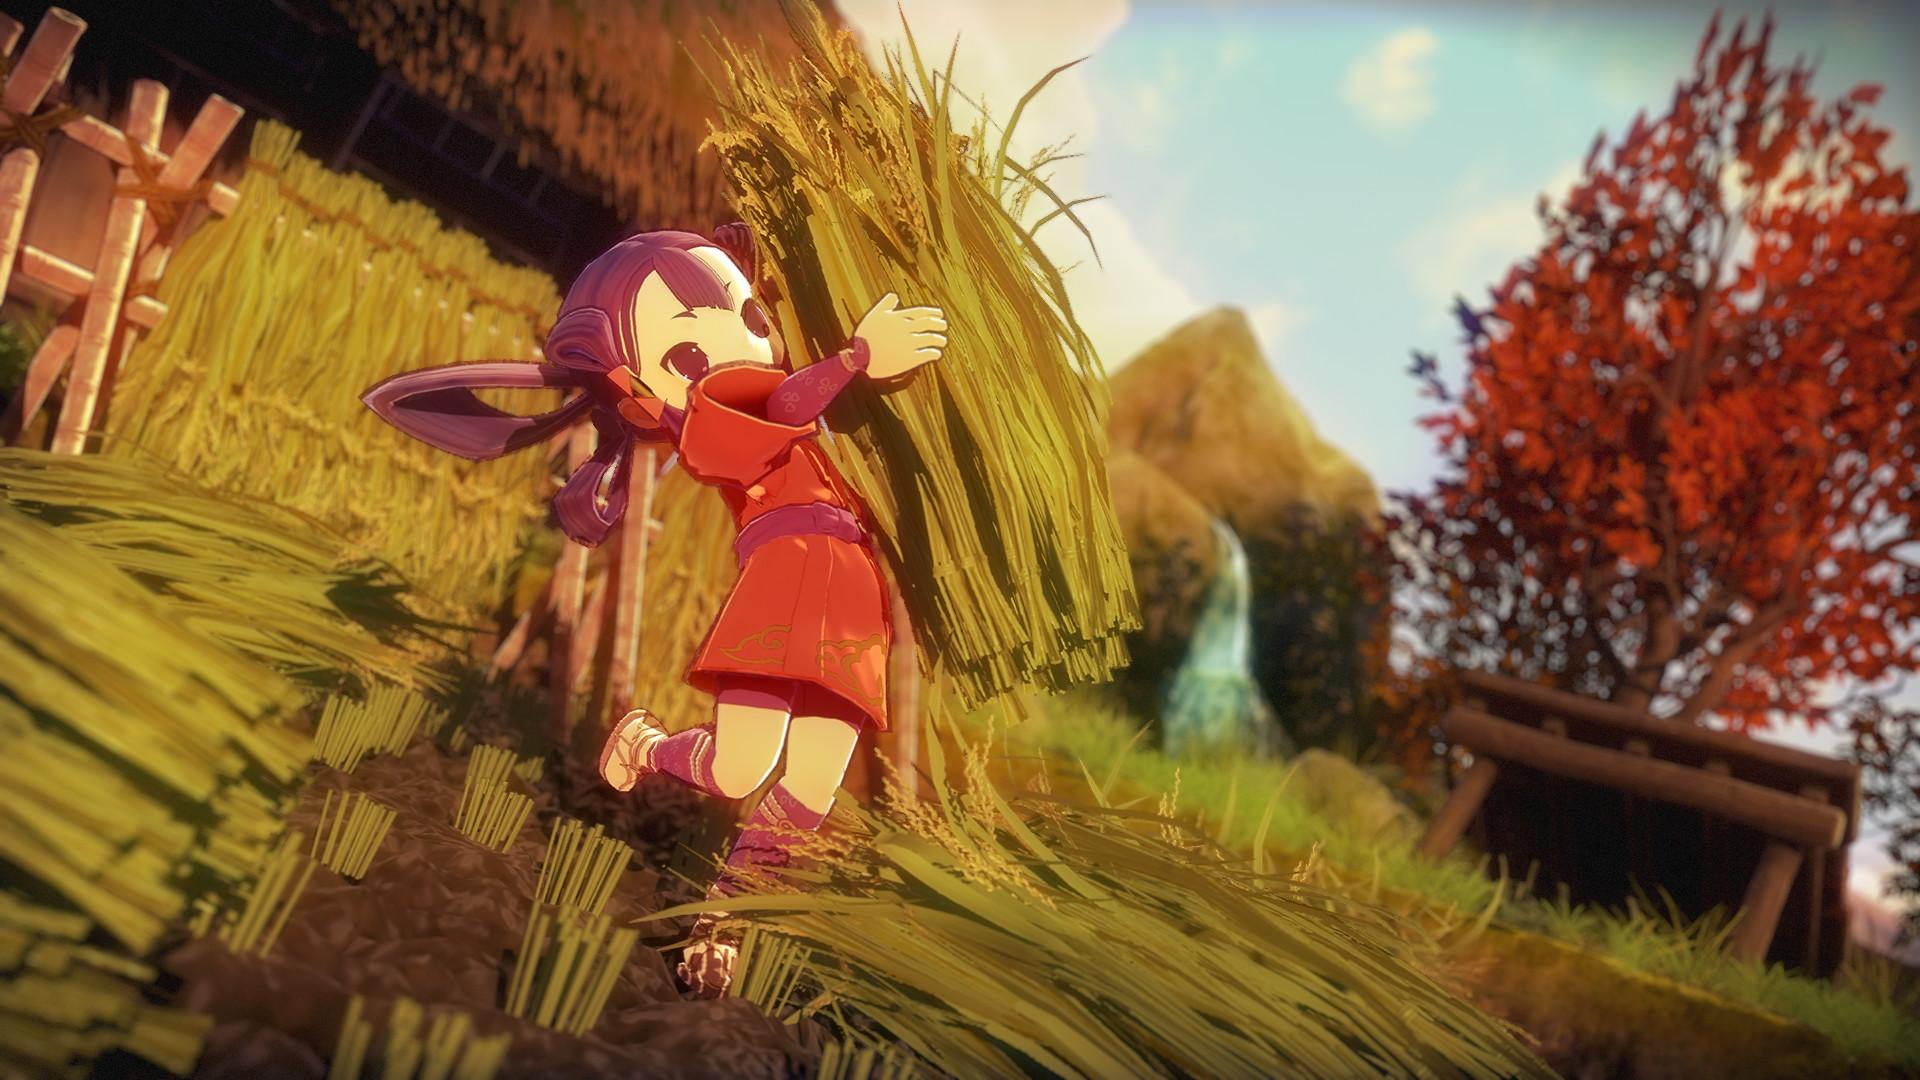 官方宣布《天穗之咲稻姬》全球累计出货量突破100万份